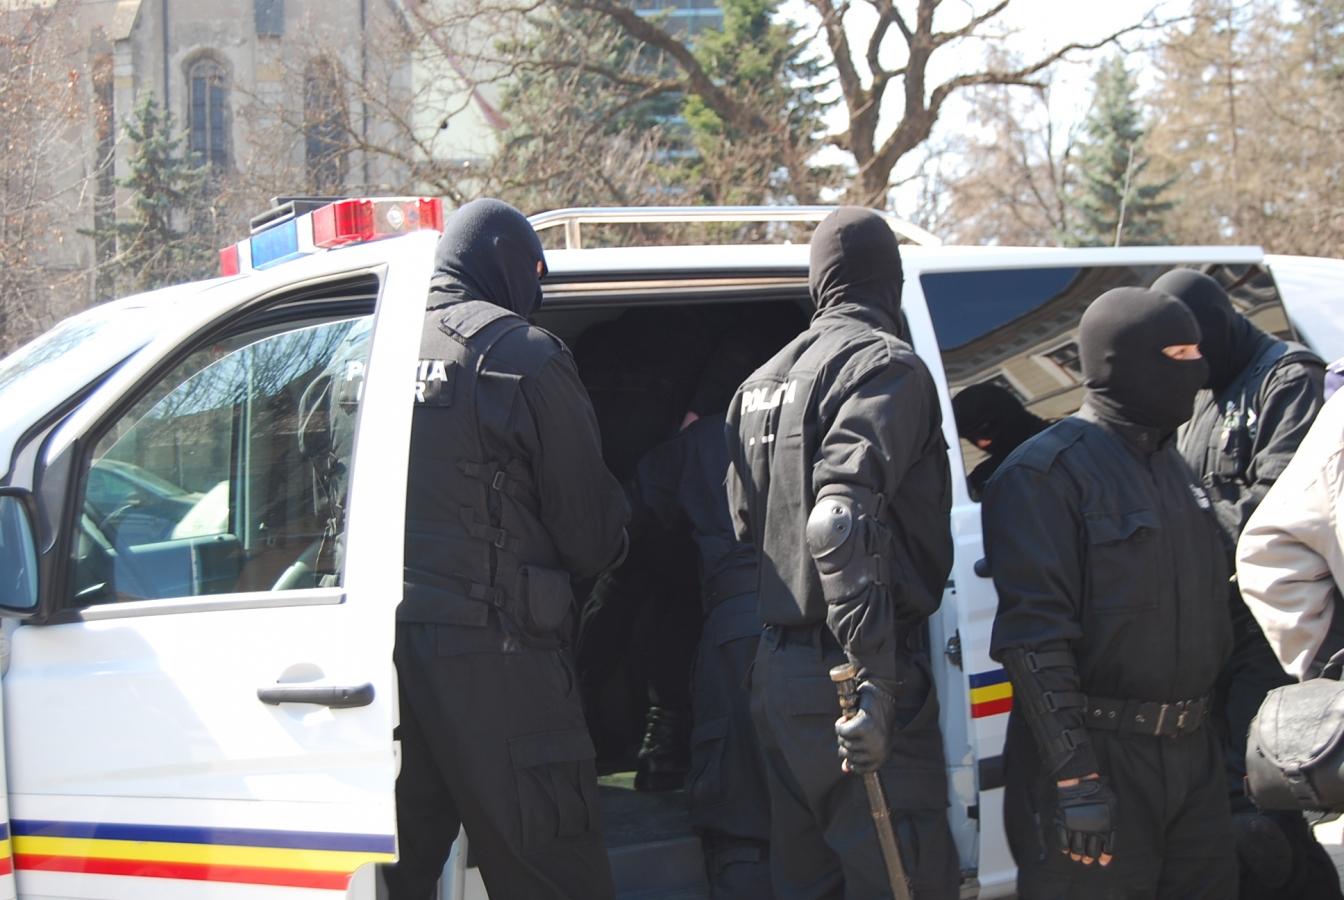 Perchezitii la o reţea de 150 de firme evazioniste, prejudiciu uriaş